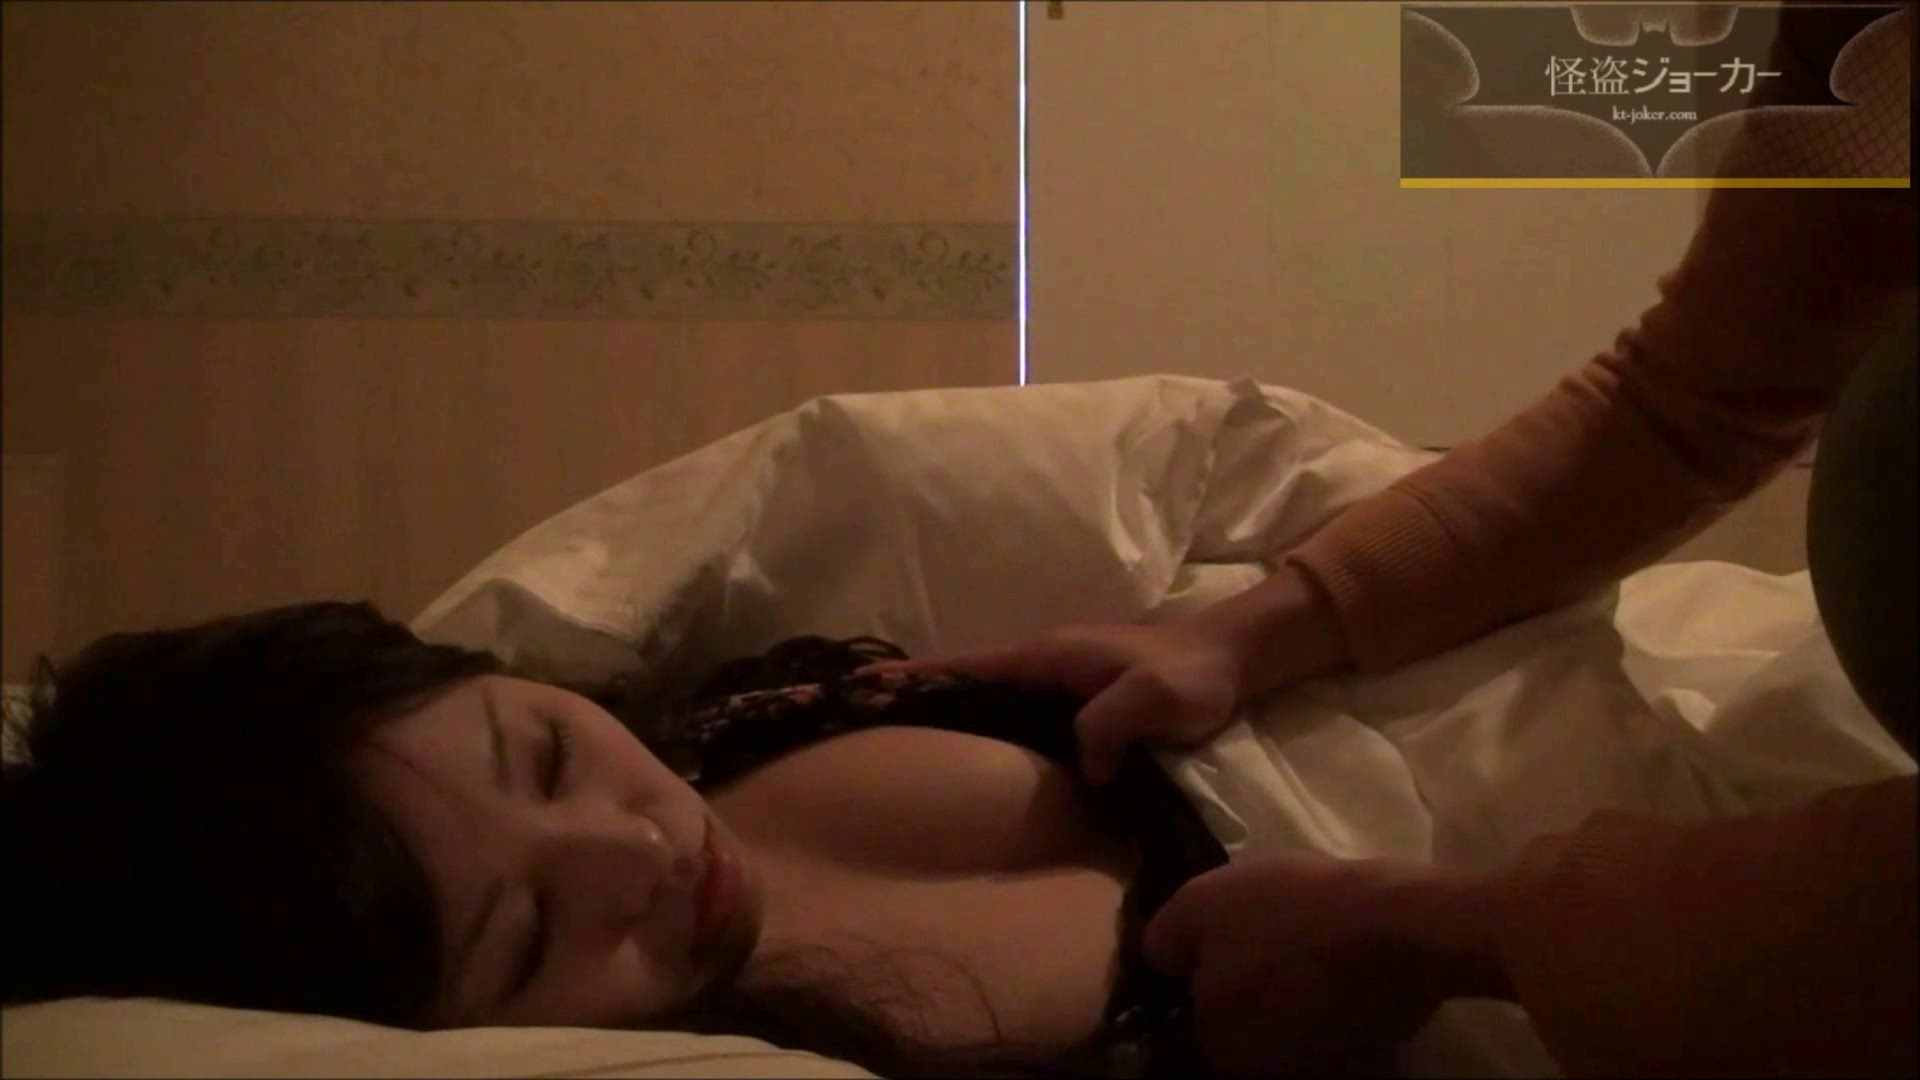 vol.17 葵の顔面にアレを押し付けてw 高画質 | セックス  107画像 31